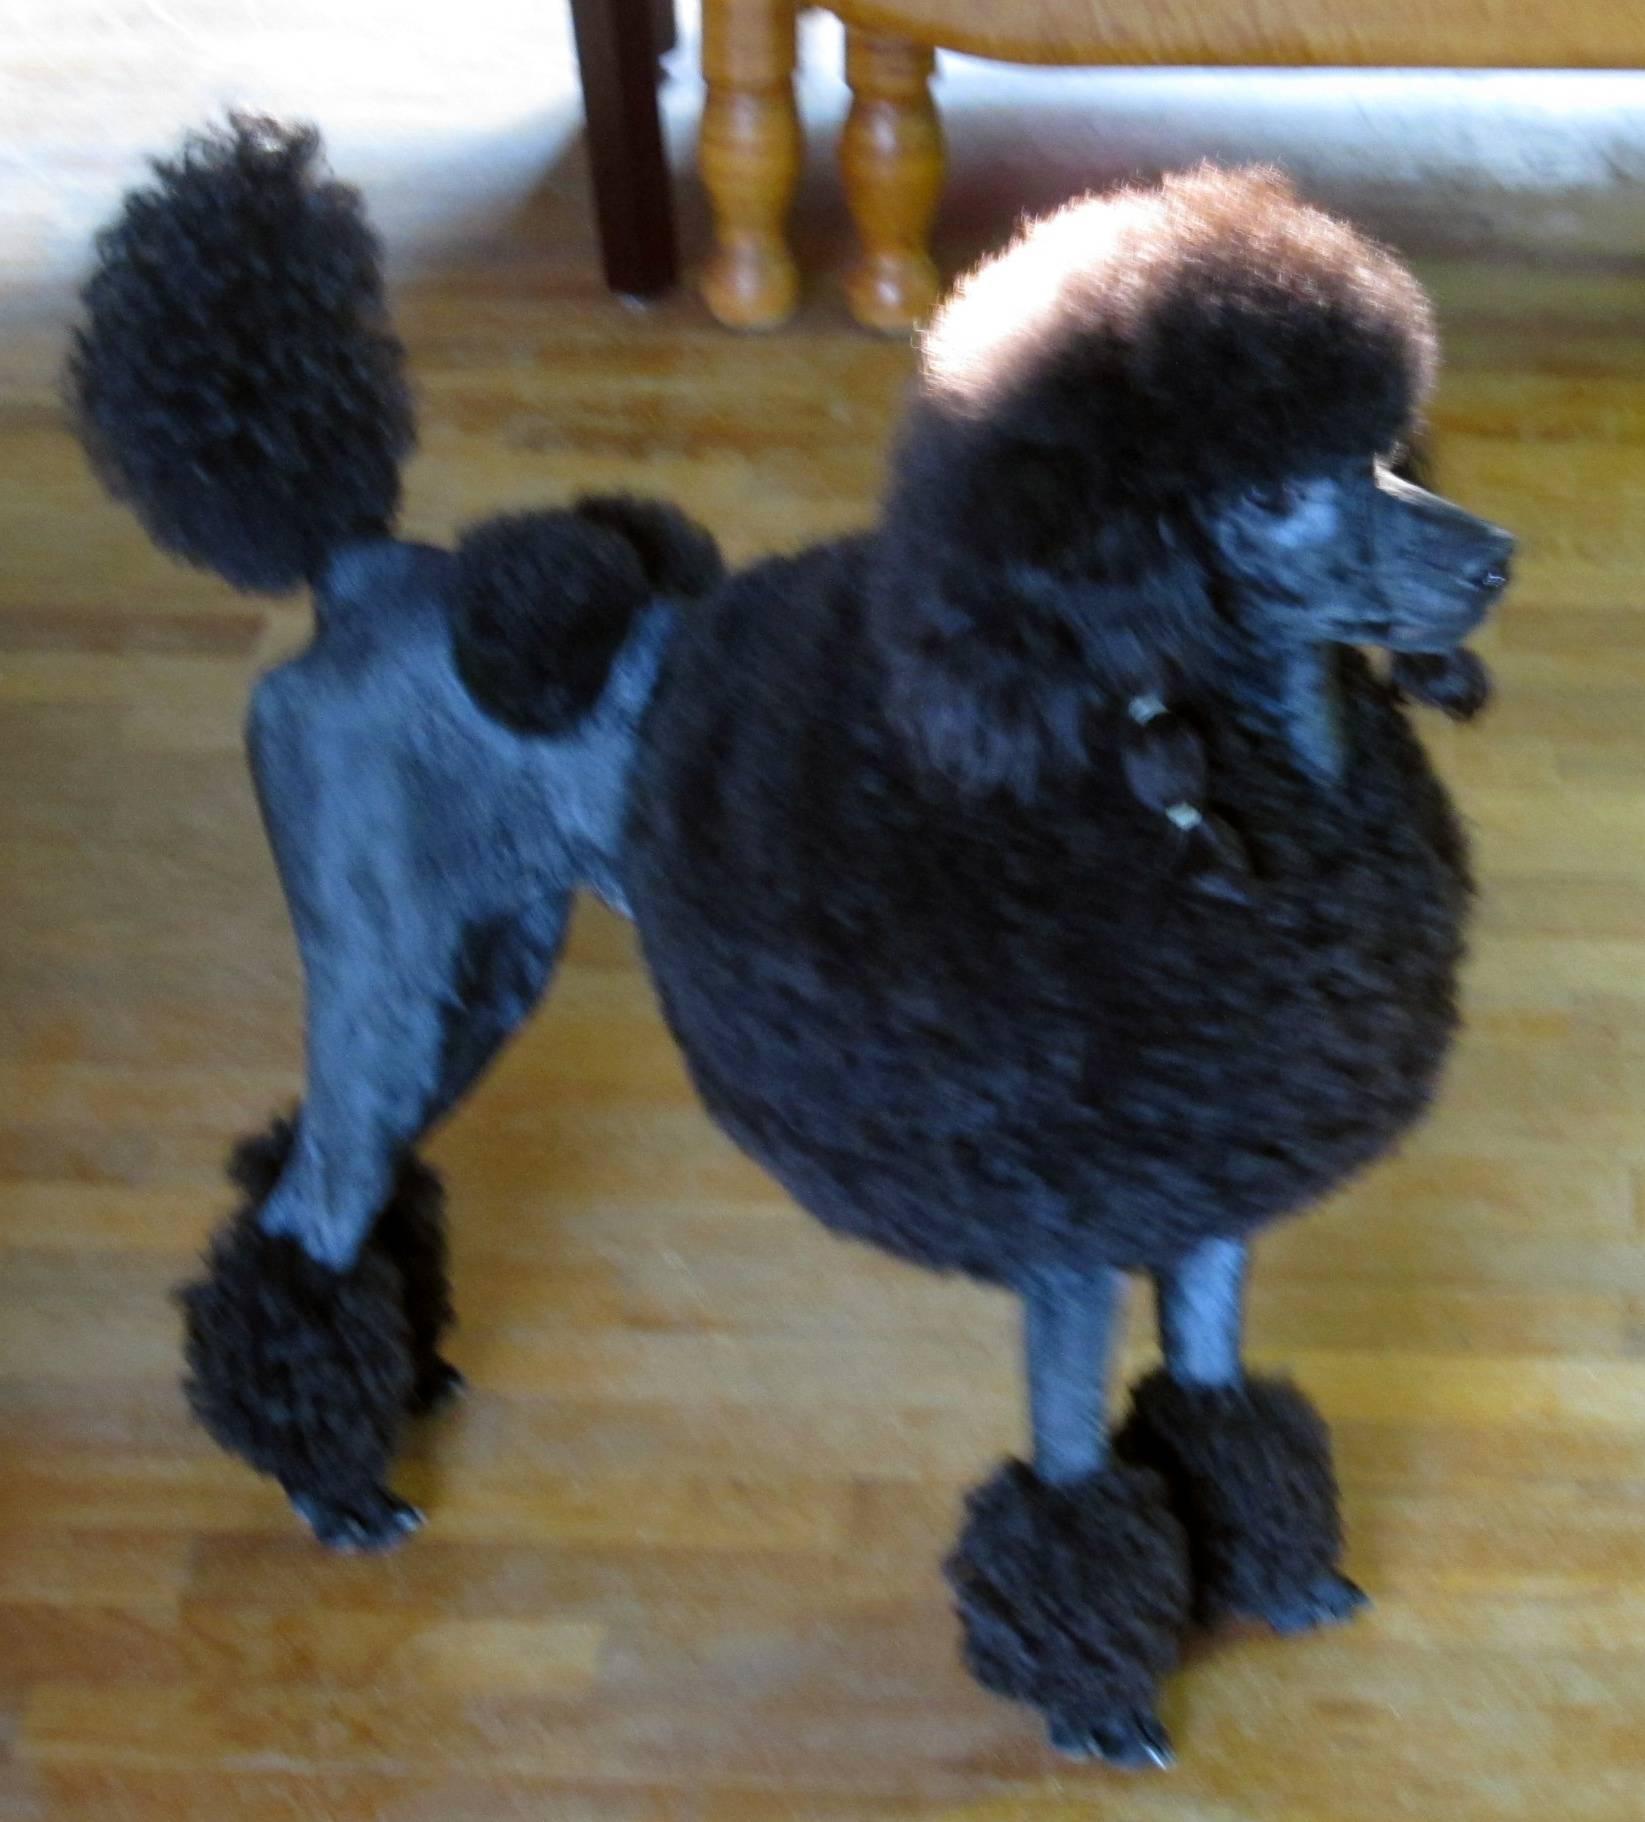 Пудельпоинтер (пудель-поинтер): описание породы собак с фото и видео